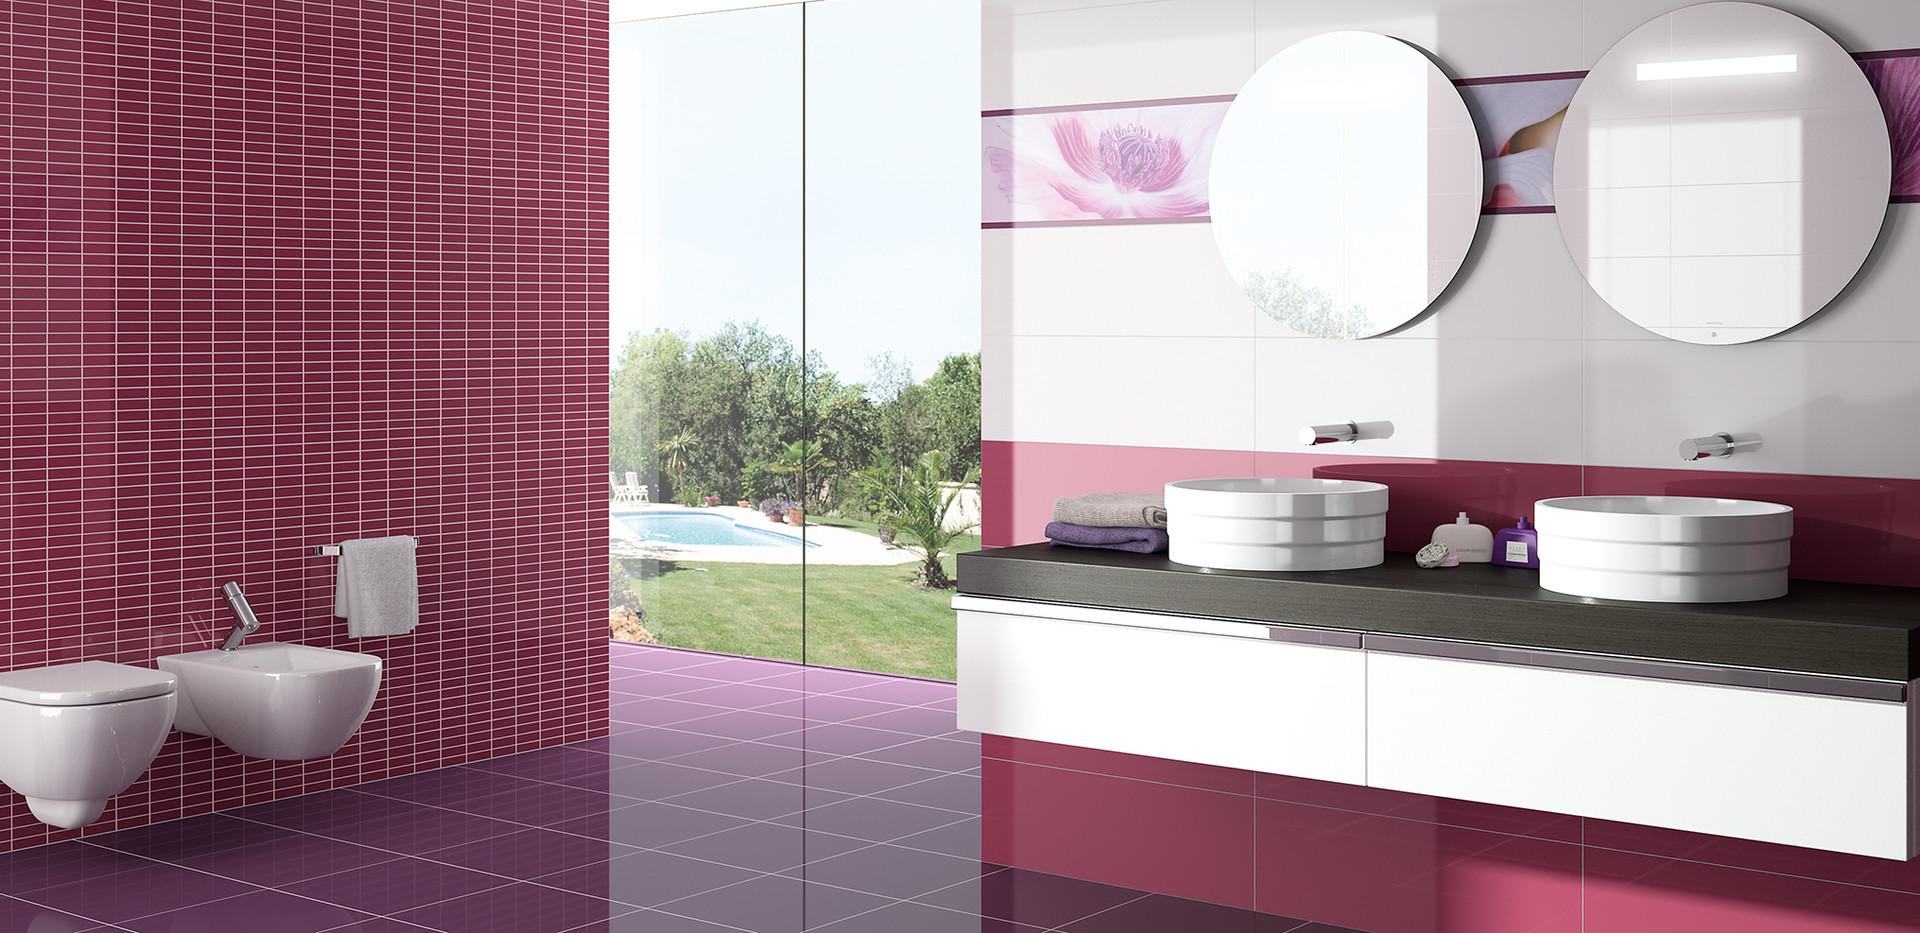 salle de bain Pink Carreaux brillants